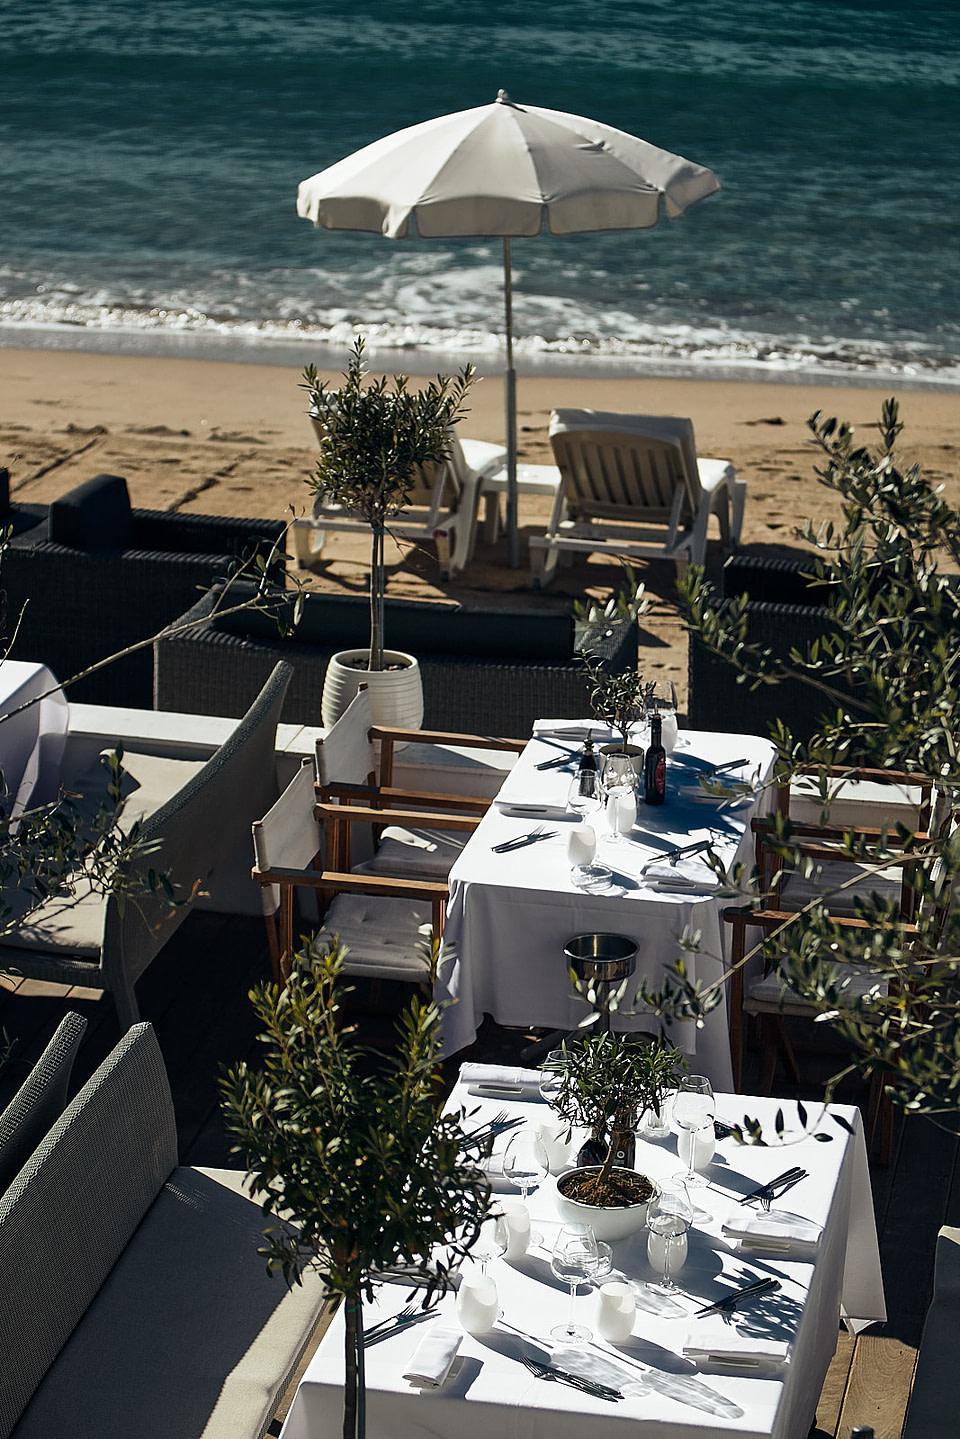 Tables dressées sur la terrasse d'un restaurant de la plage sur la Croisette à Cannes